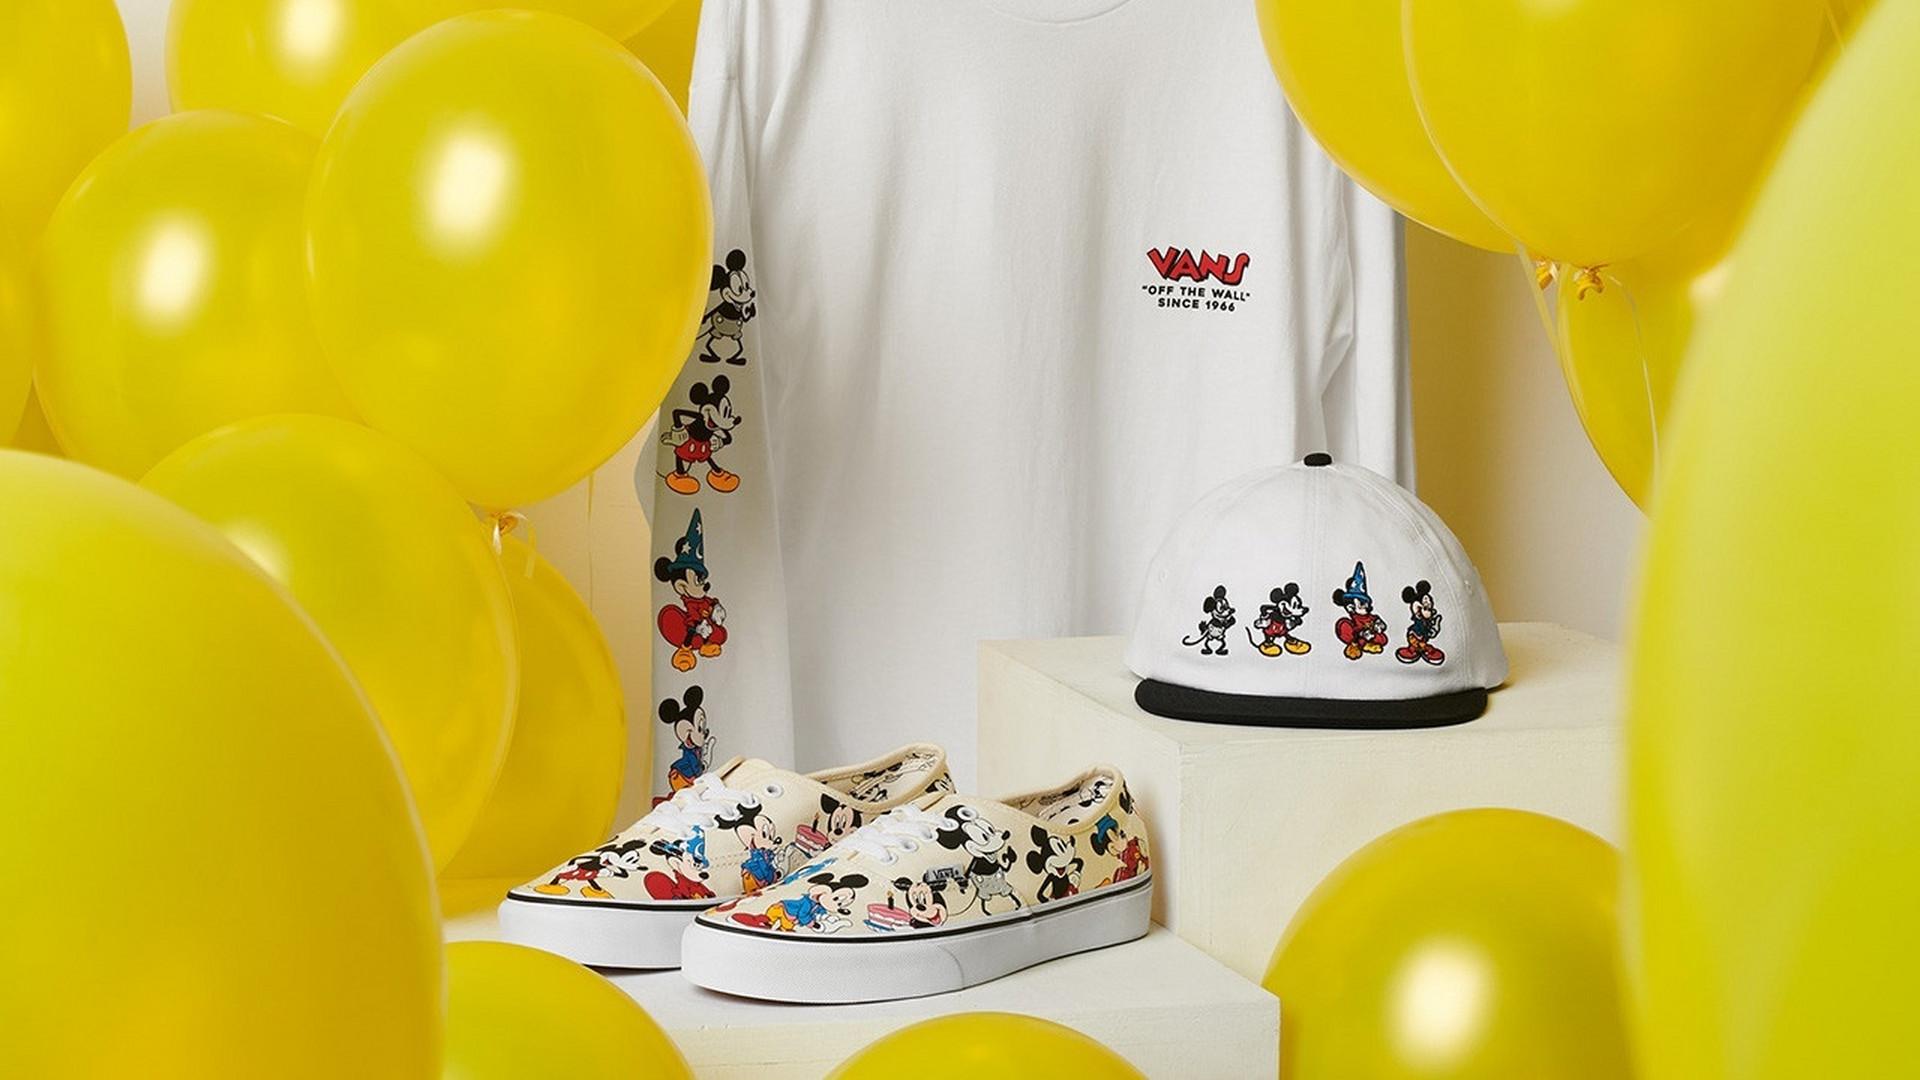 ba8d37d1b2d96d Vans und Disney droppen schon wieder eine Micky-Maus-Kollabo! - Noizz